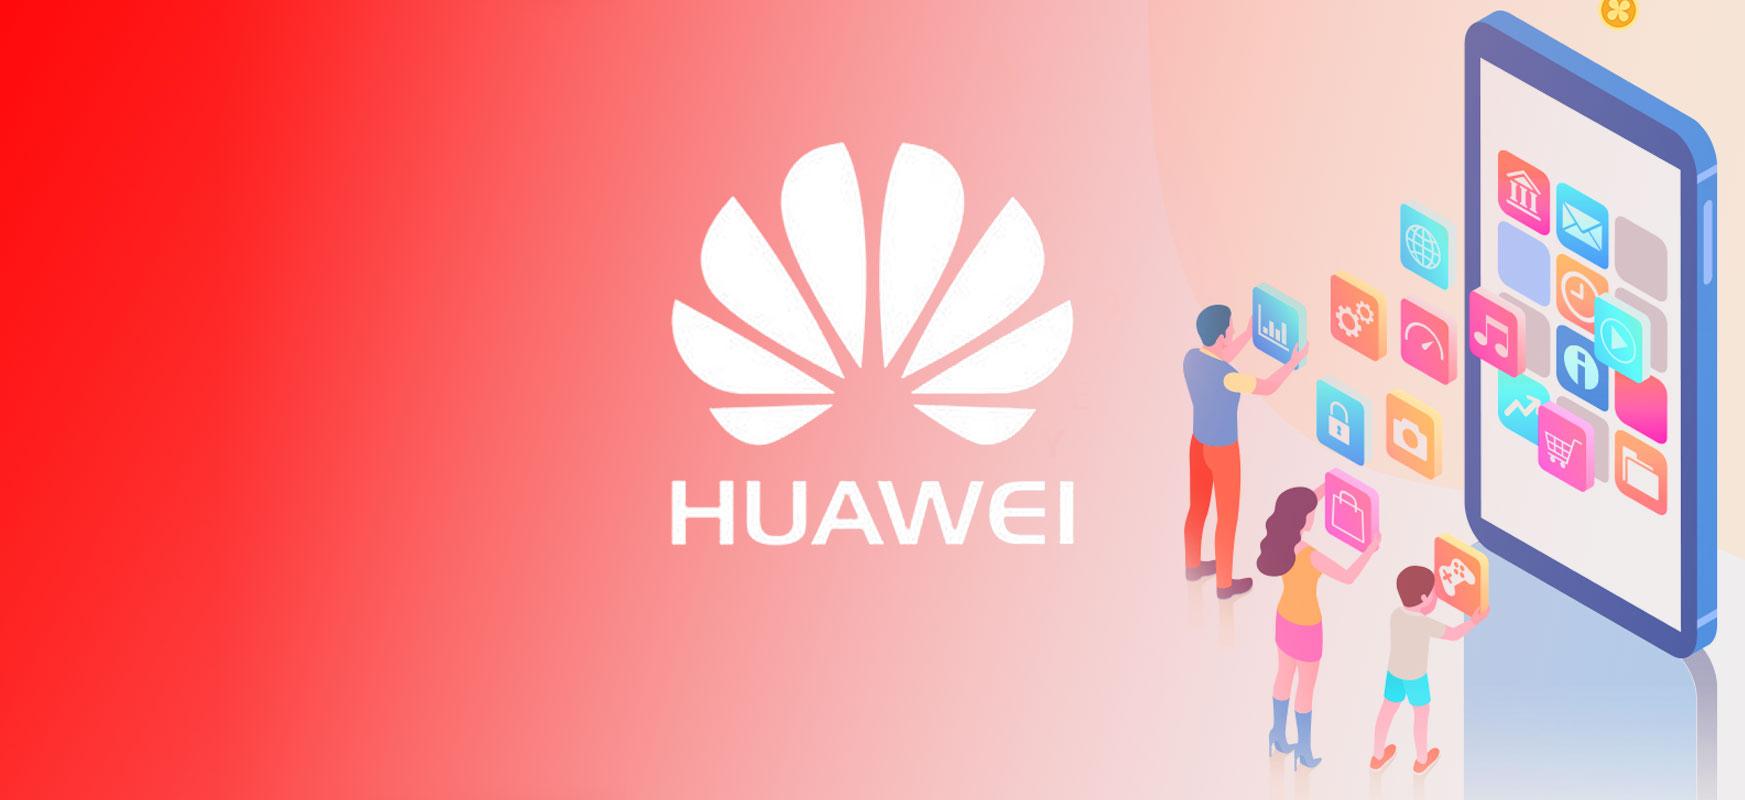 Nola instalatu aplikazioak Huawei smartphoneetan?  Egin behar duzun guztia programa azkarra da